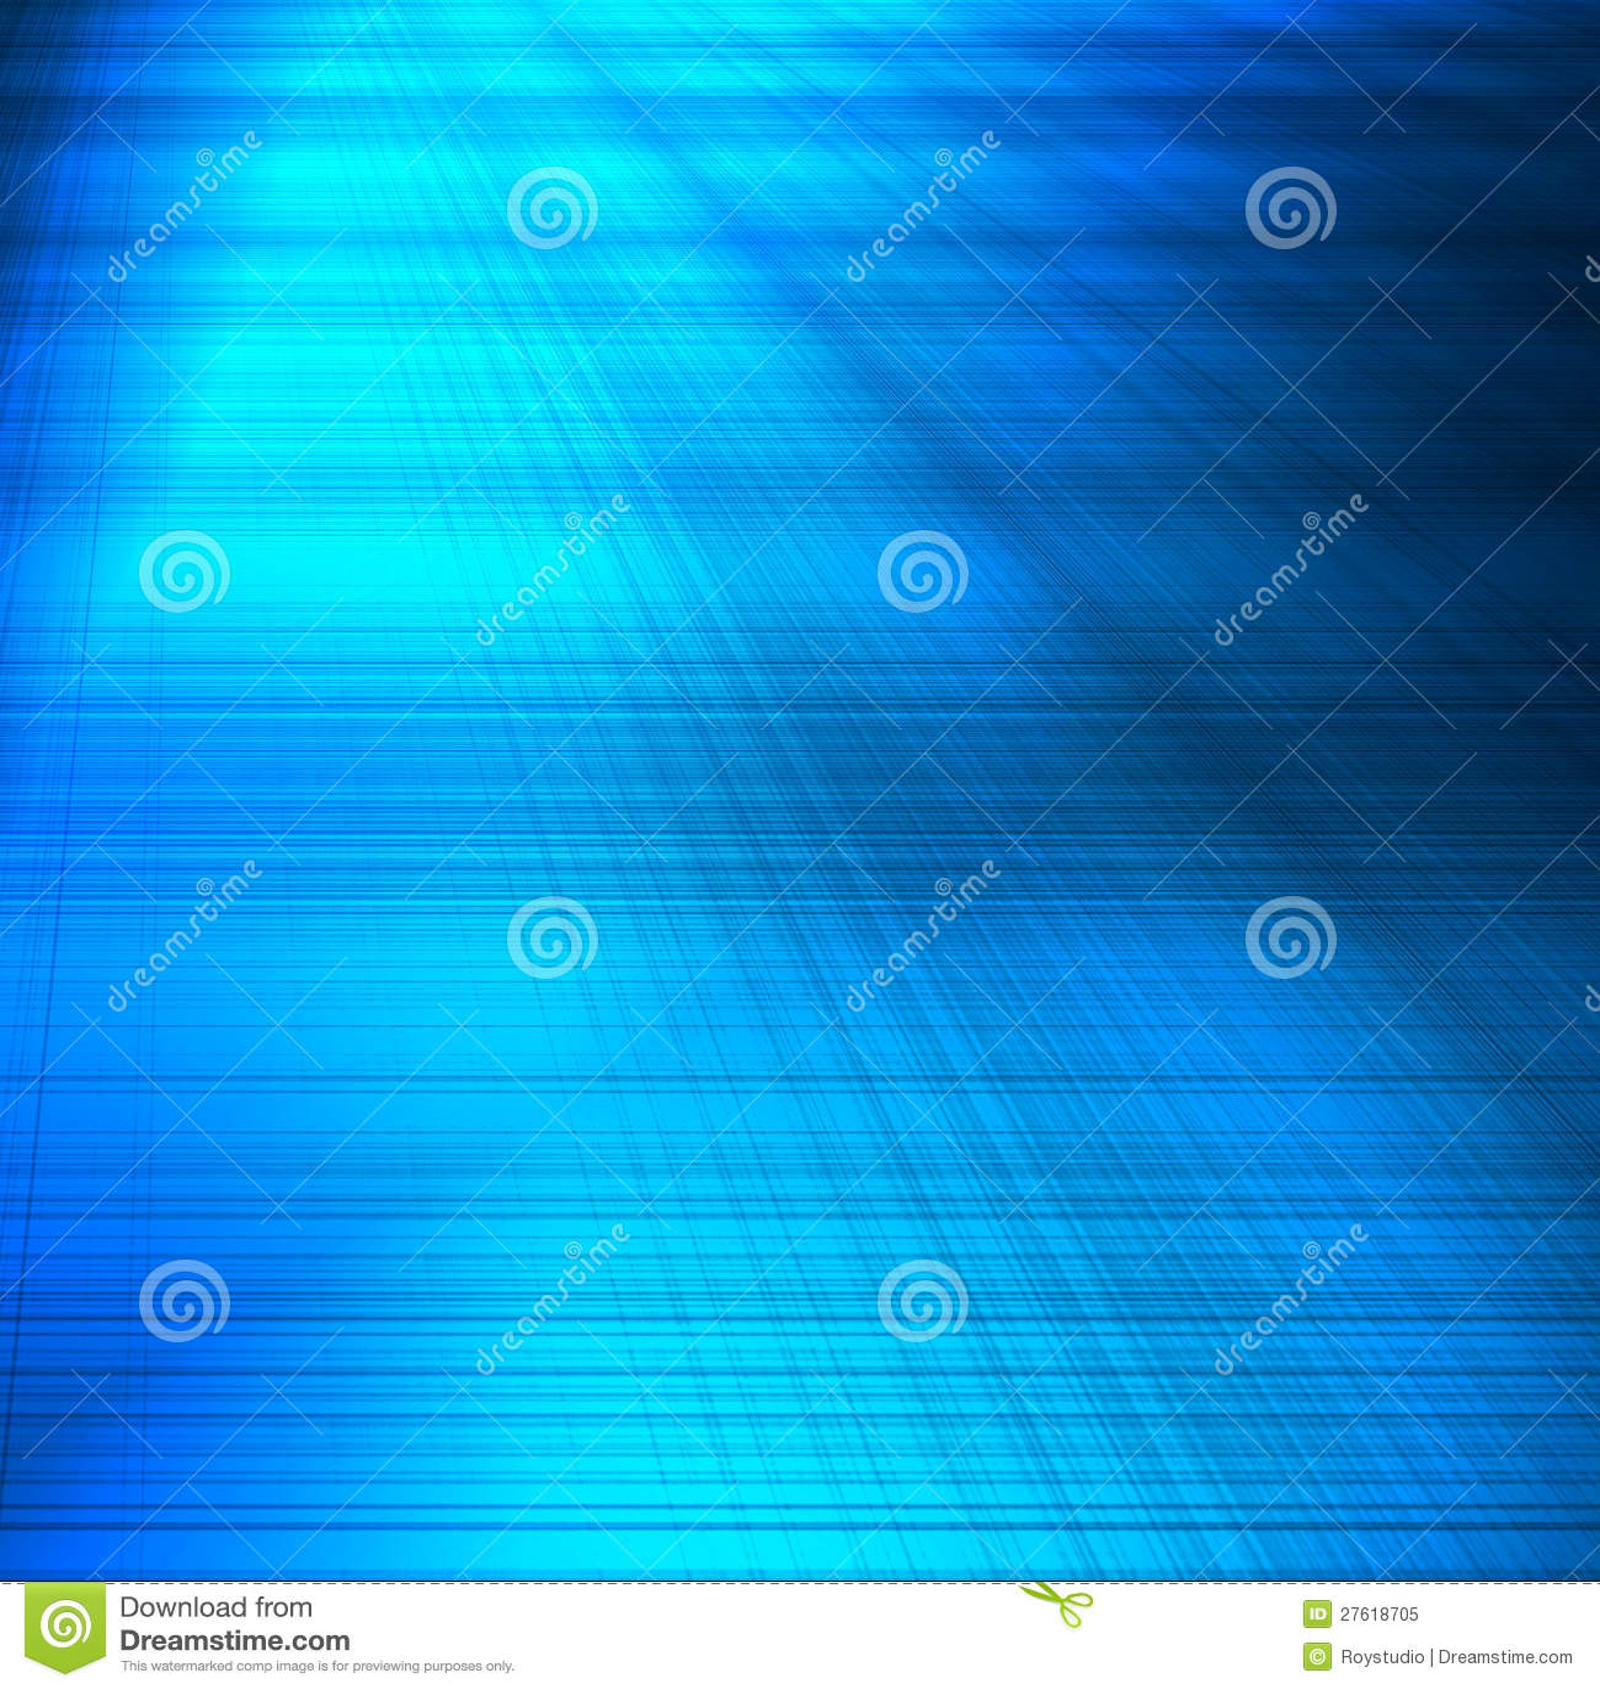 El tablero abstracto azul del modelo de rejilla del fondo puede utilizar como fondo o textura de alta tecnología